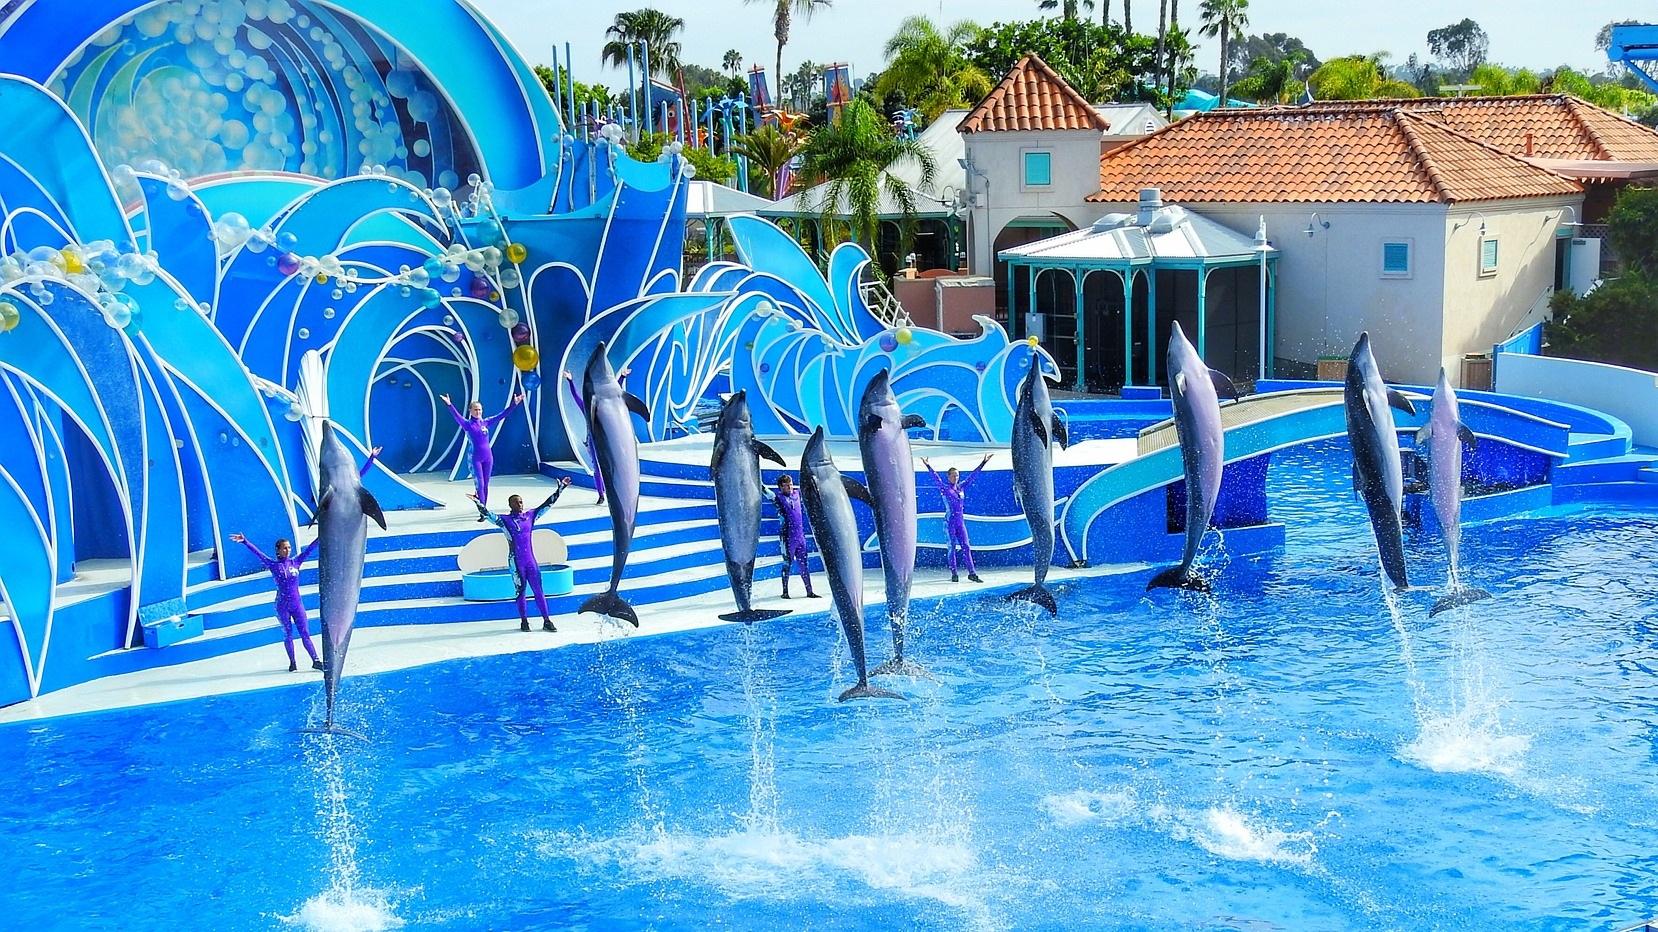 Sea World - Stadens största turistattraktion, Sea World, ligger vid Mission Bay norr om stadens centrum och är på 60 hektar. Här finns delfinshower, en Wild Artic-sektion, massvis av åkattraktioner och mycket mer. Sea World har något för hela familjen.